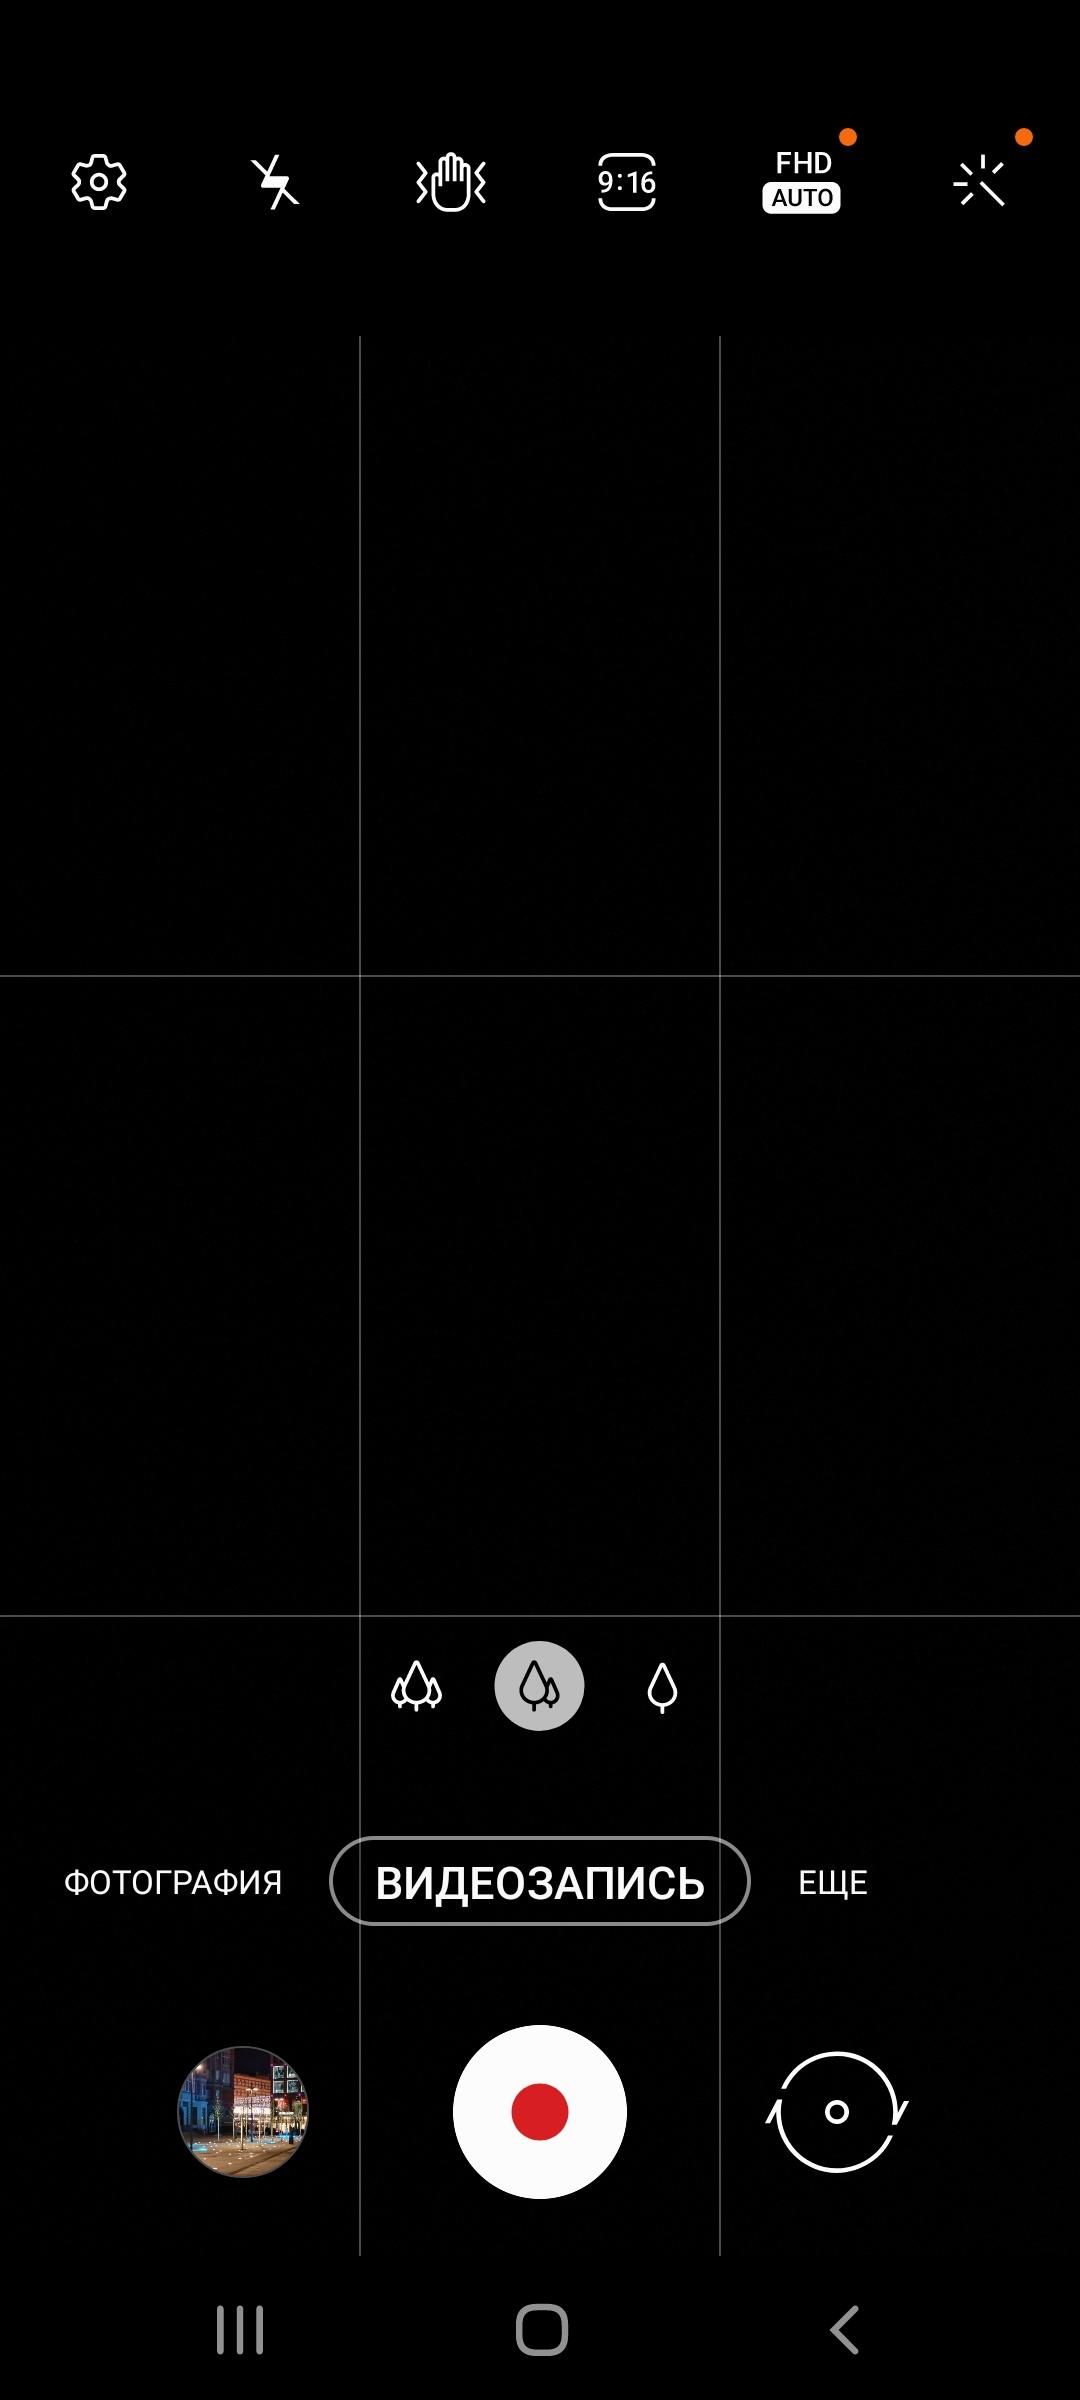 Обзор Samsung Galaxy S21 приложение камеры